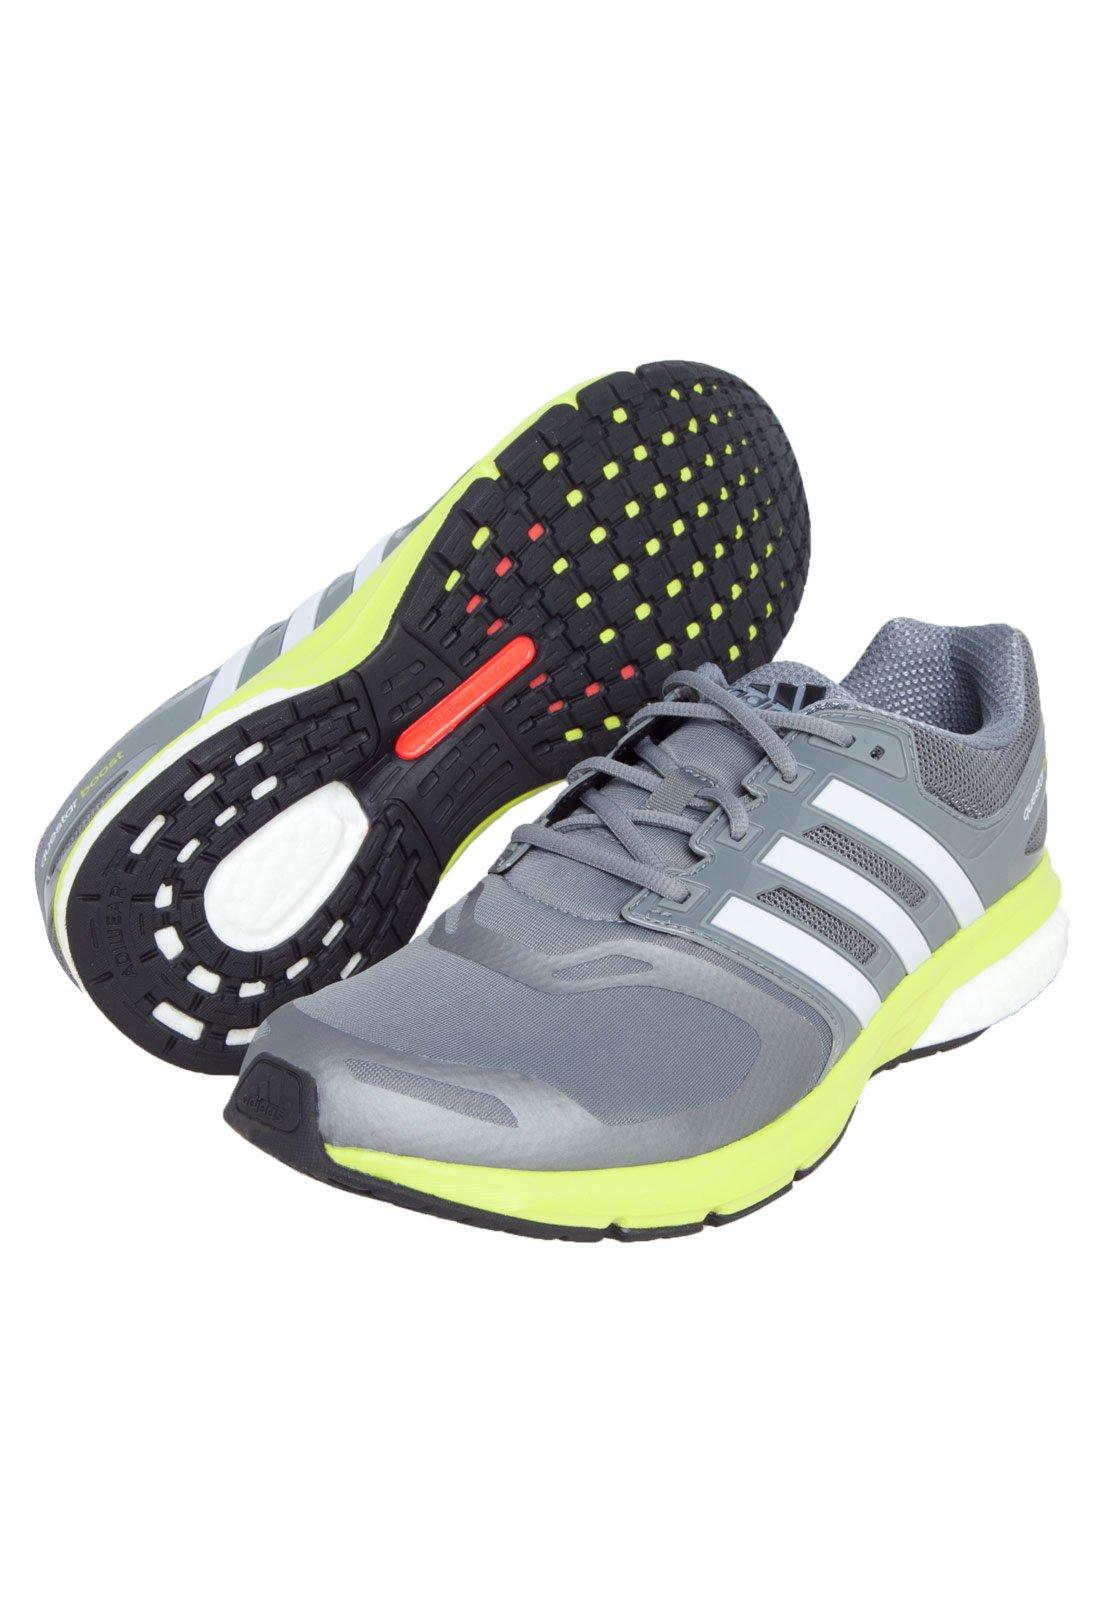 por favor no lo hagas pandilla Enriquecer  Limited Time Deals·New Deals Everyday tenis adidas questar boost, OFF  71%,Buy!